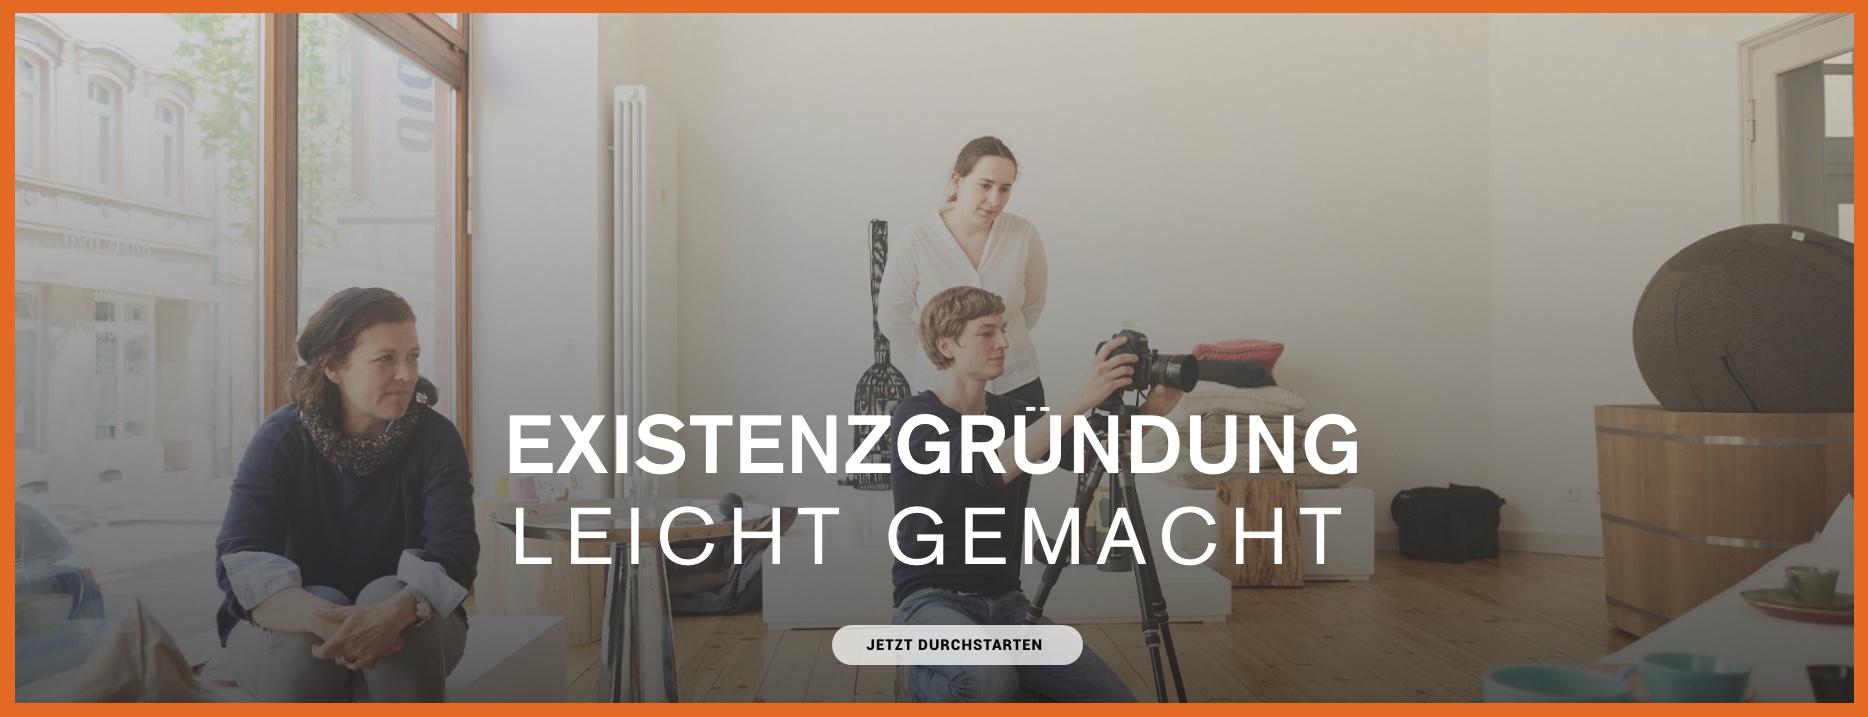 gr nderinnenzentrum gig7 in mannheim relaunch internetpr senz millenium werbeagentur. Black Bedroom Furniture Sets. Home Design Ideas